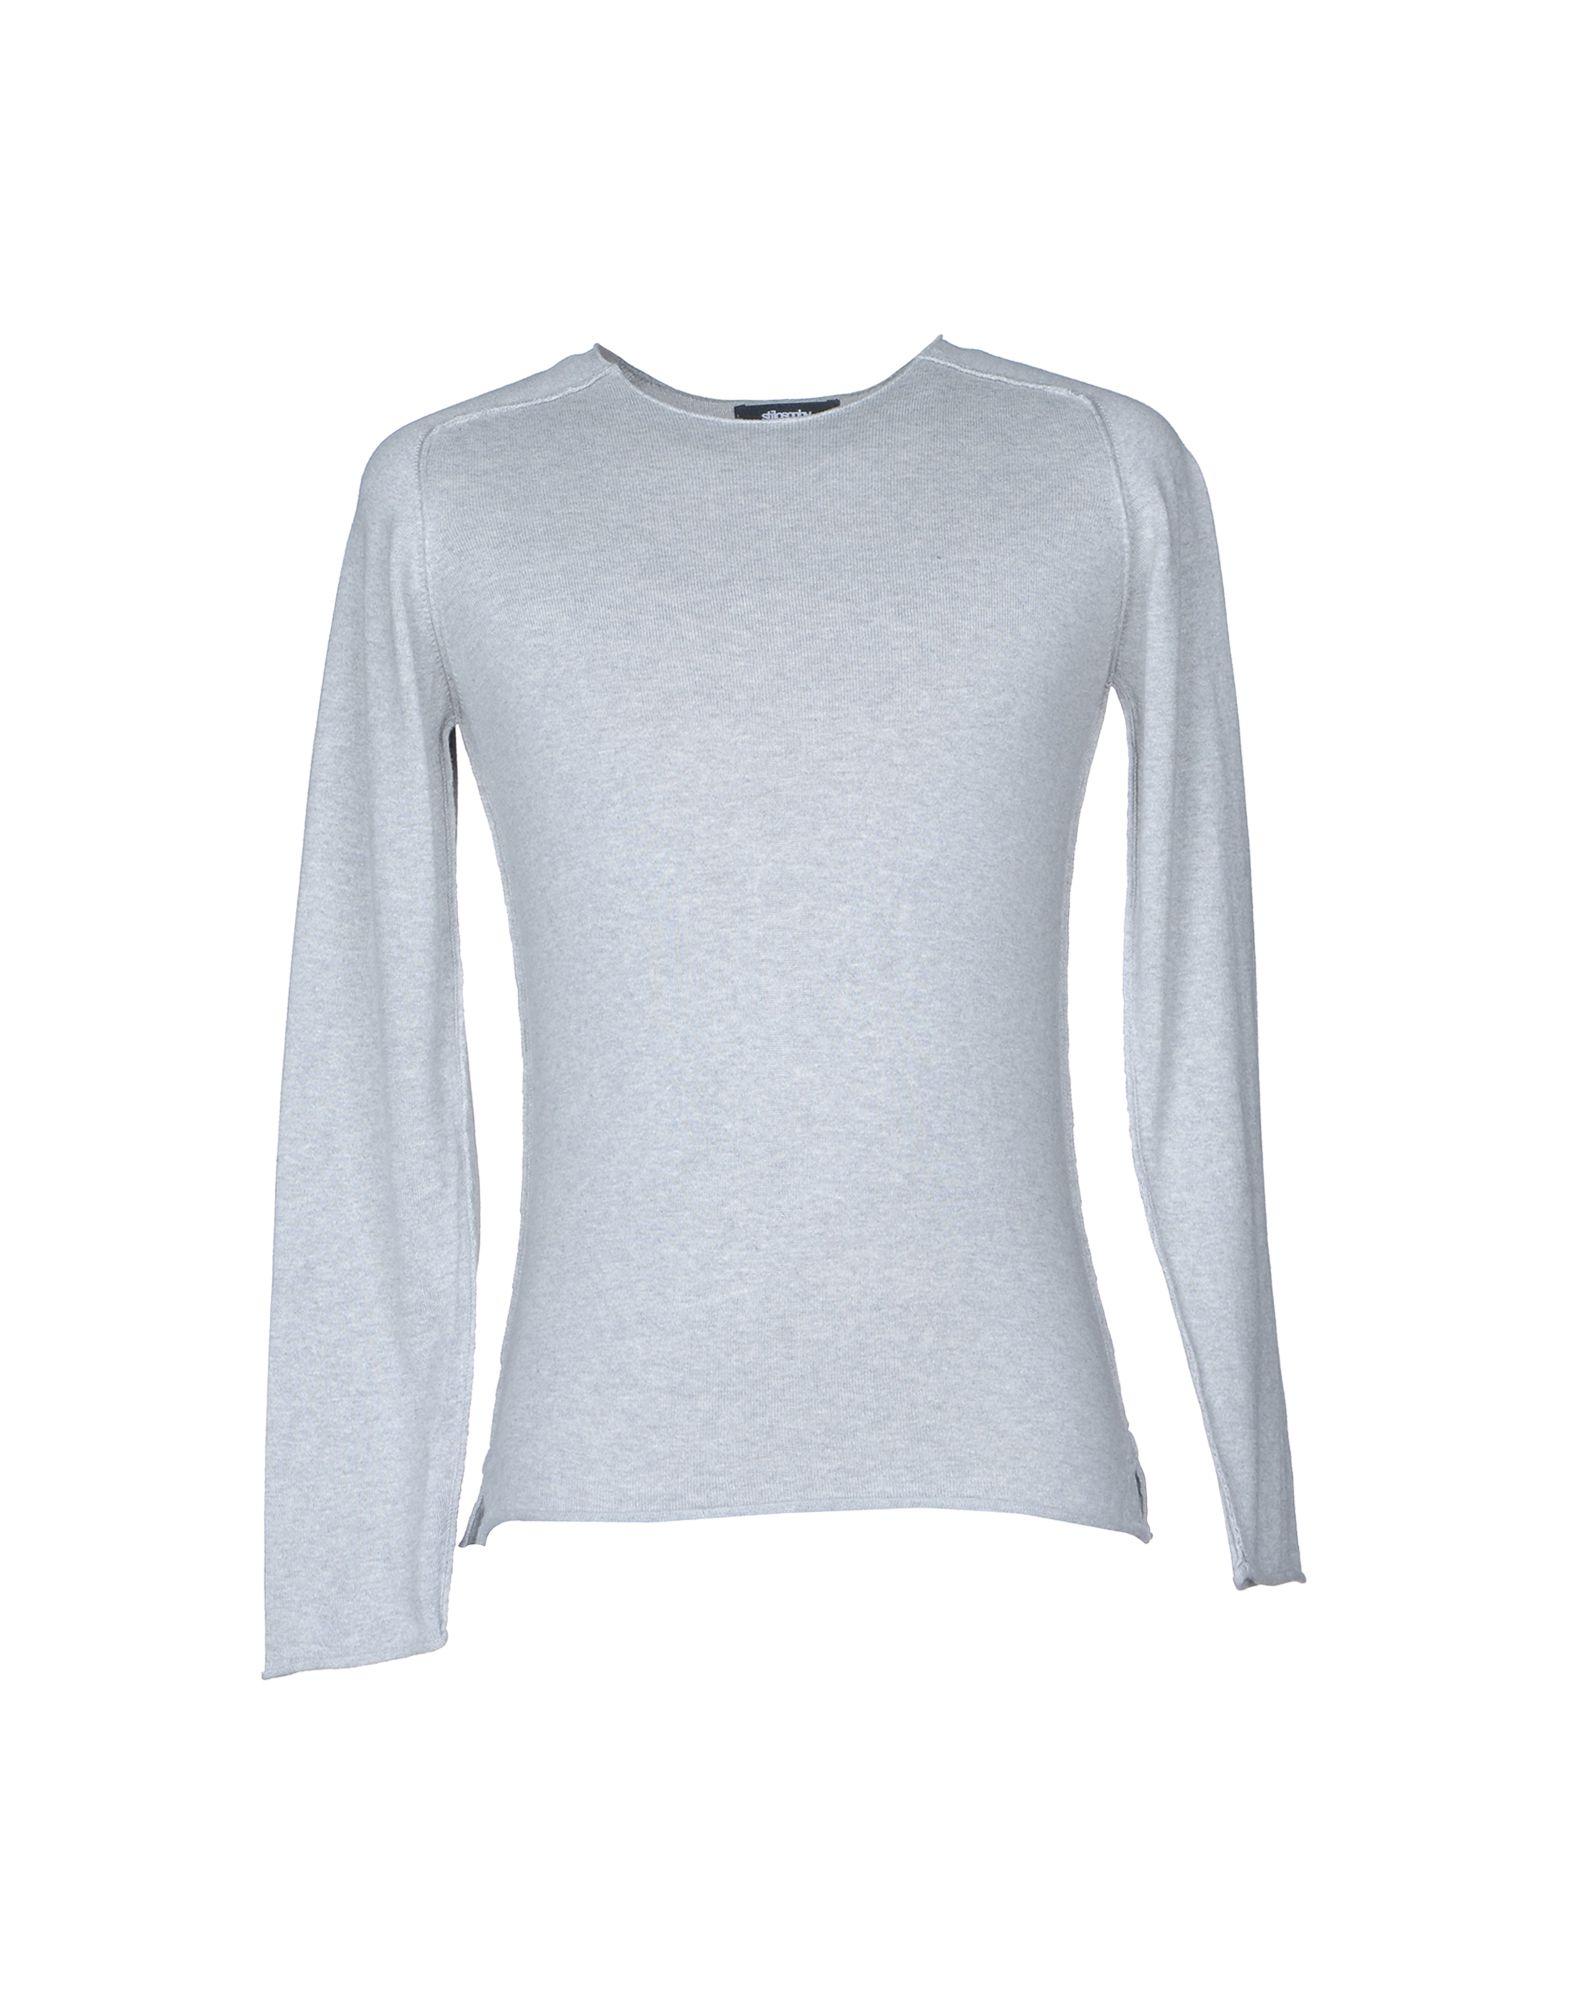 STILOSOPHY INDUSTRY Sweaters